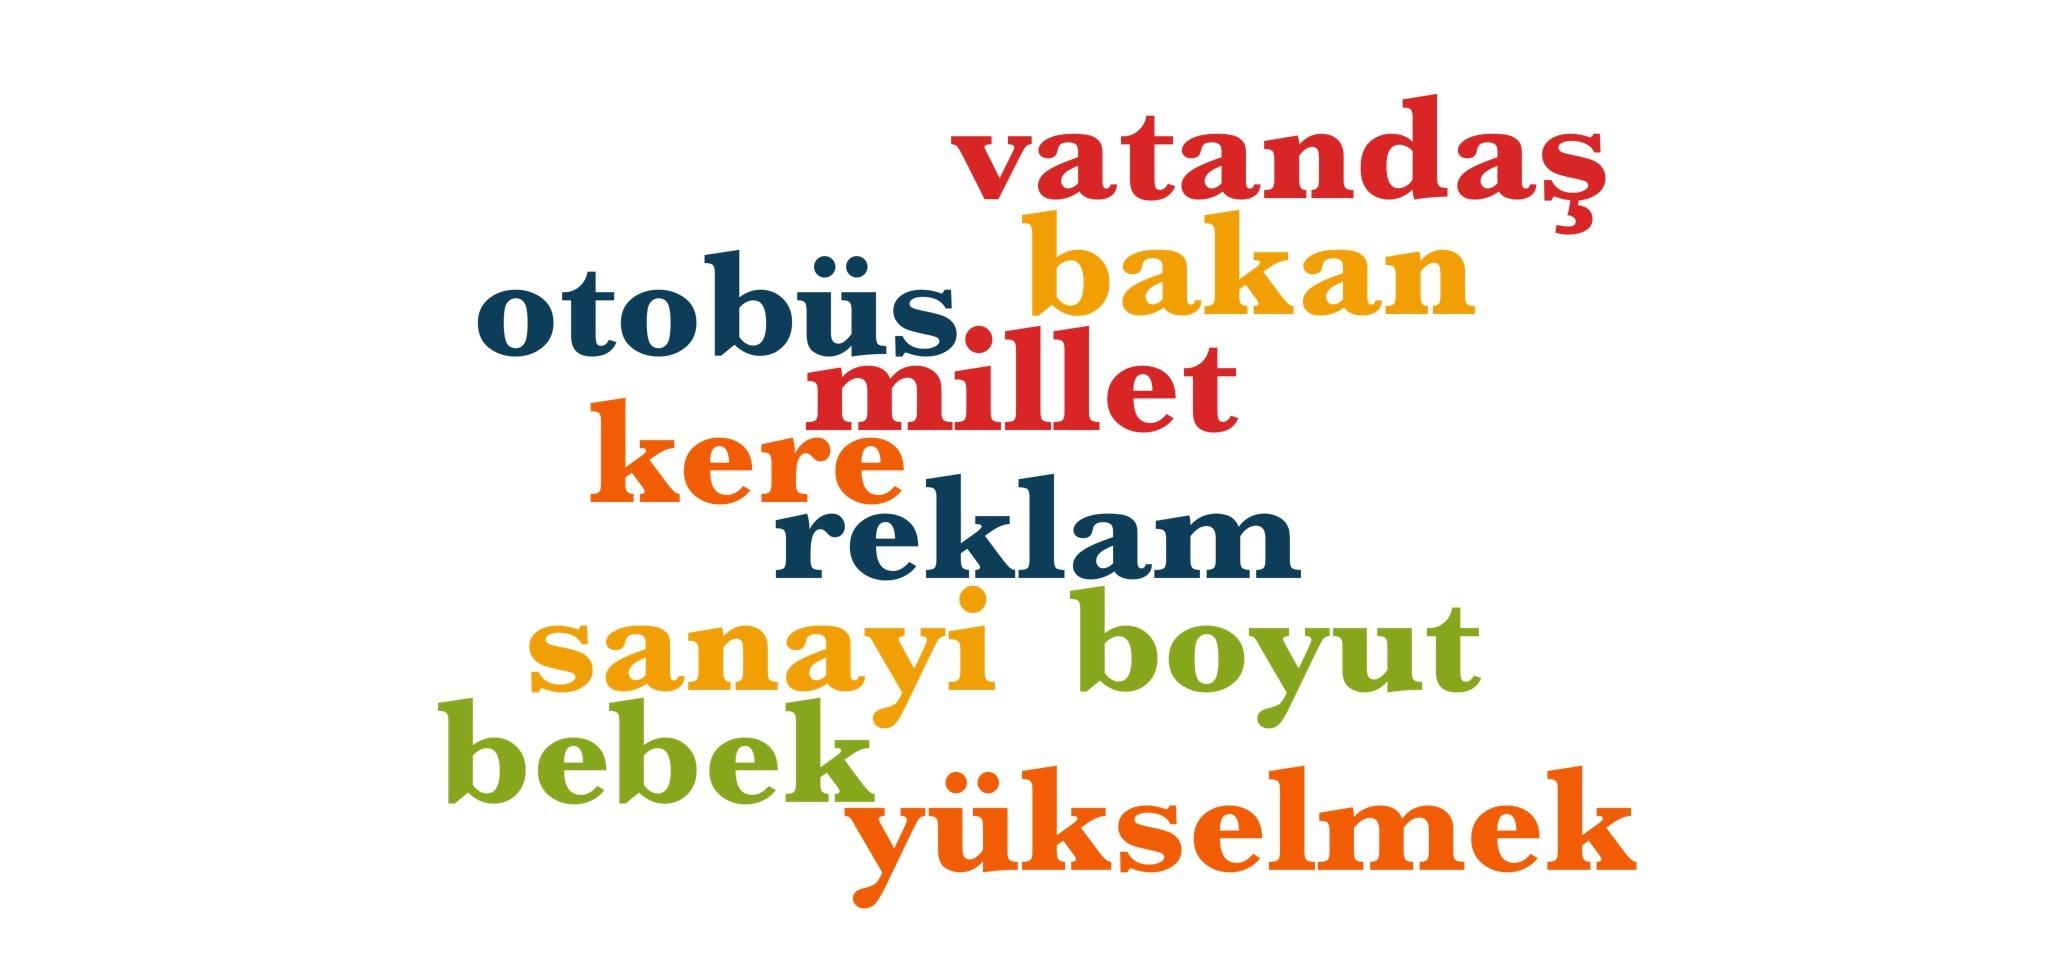 Wörter 761 bis 770 der 1000 häufigsten Wörter der türkischen Sprache